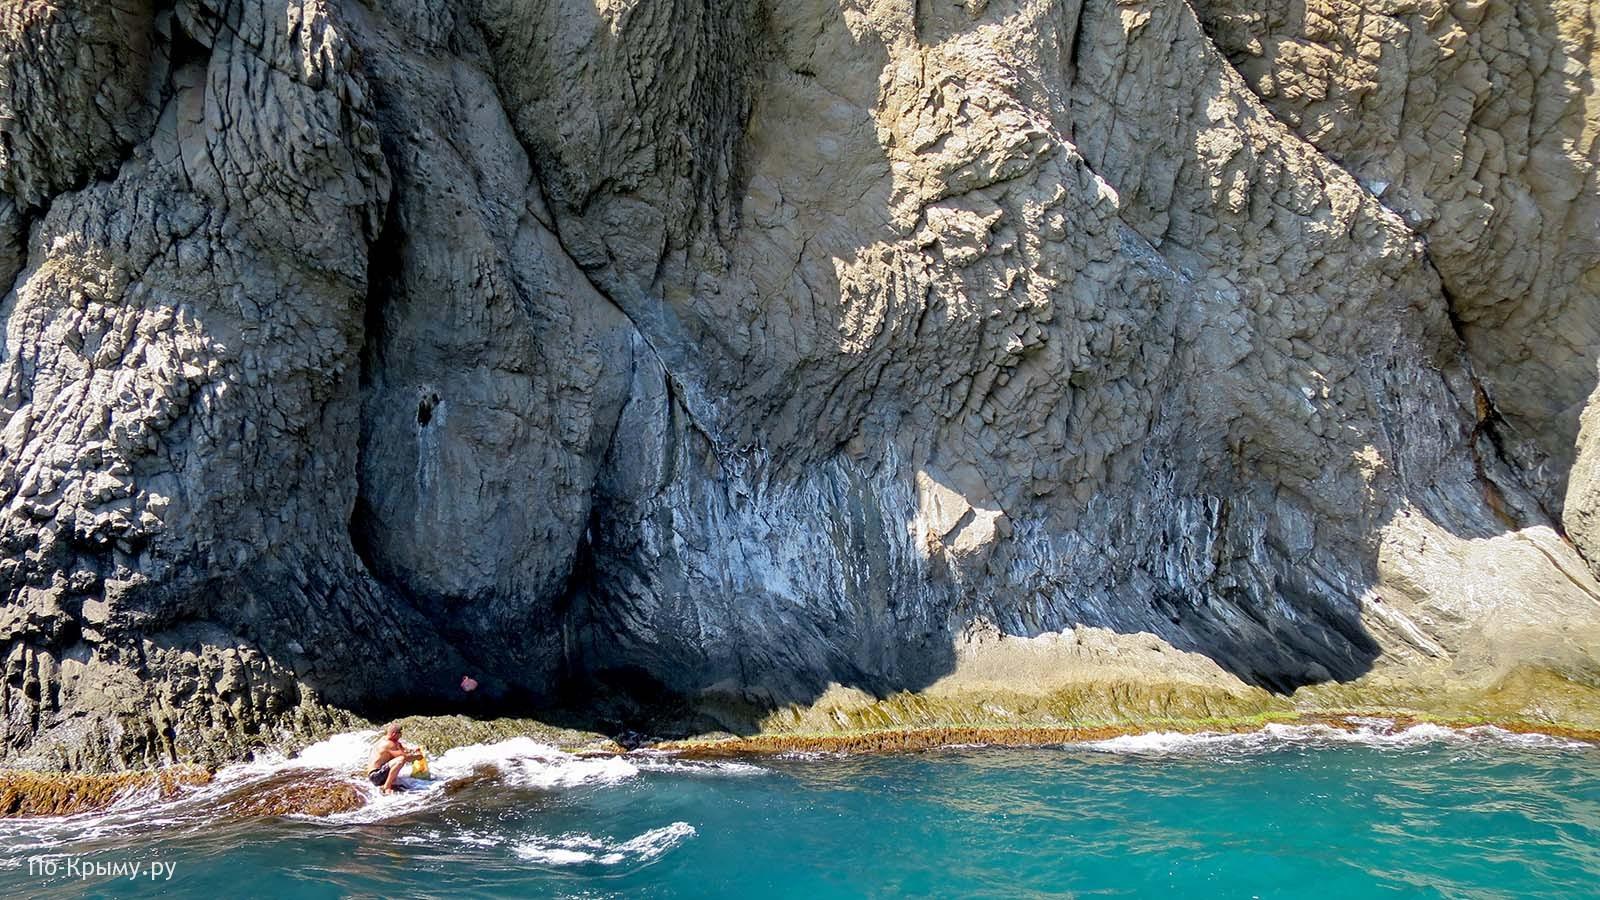 Карадагский заповедник, экскурсия по морю